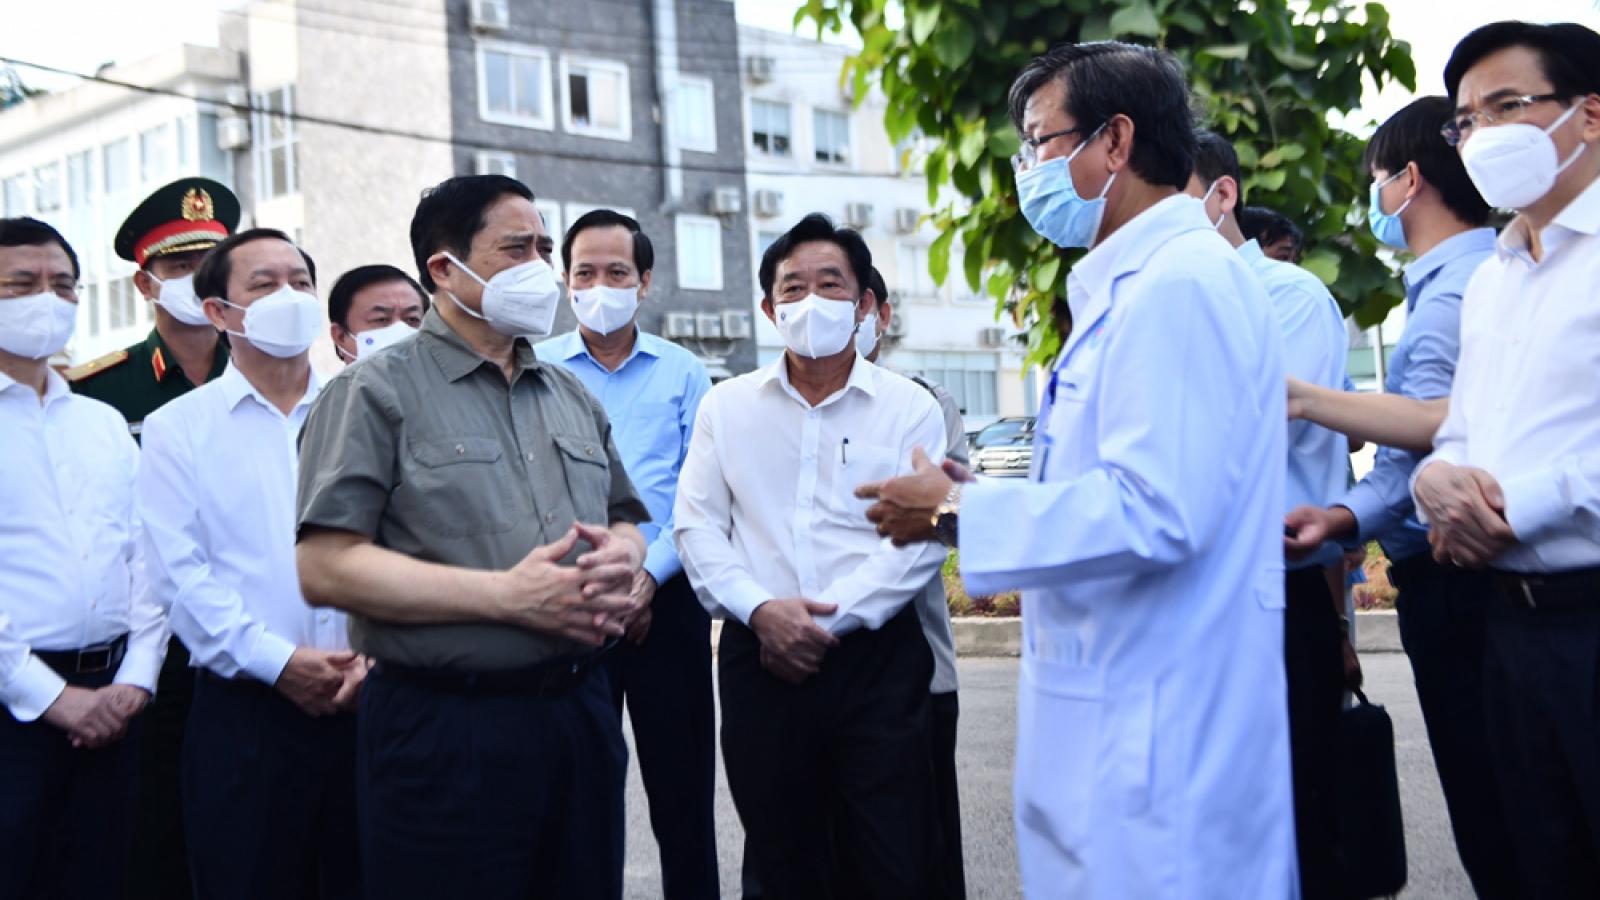 Thủ tướng Phạm Minh Chính kiểm tra công tác phòng chống dịch ở Bình Dương